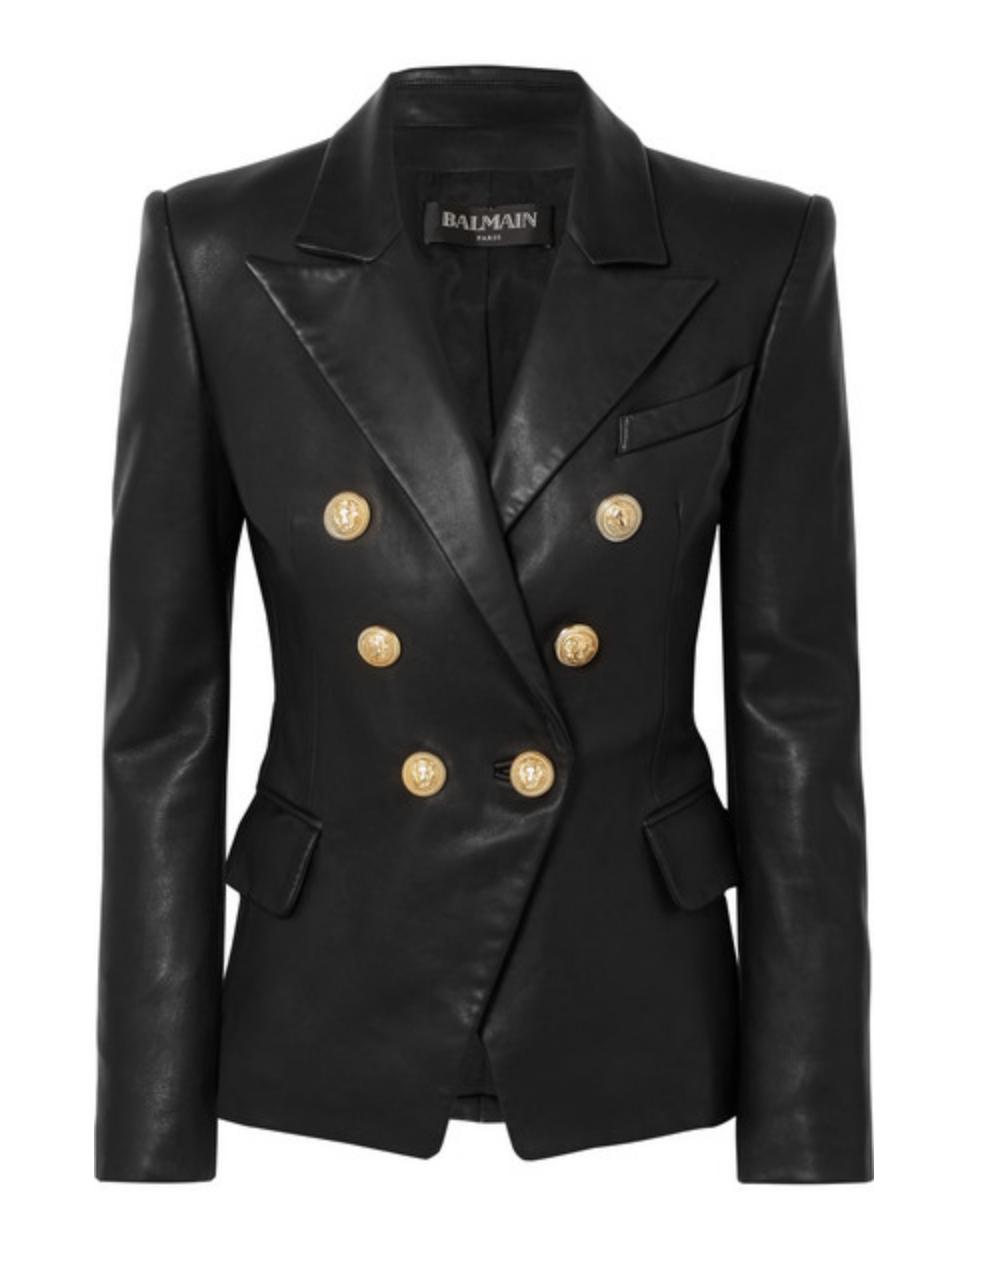 Balmain - Leather Blazer